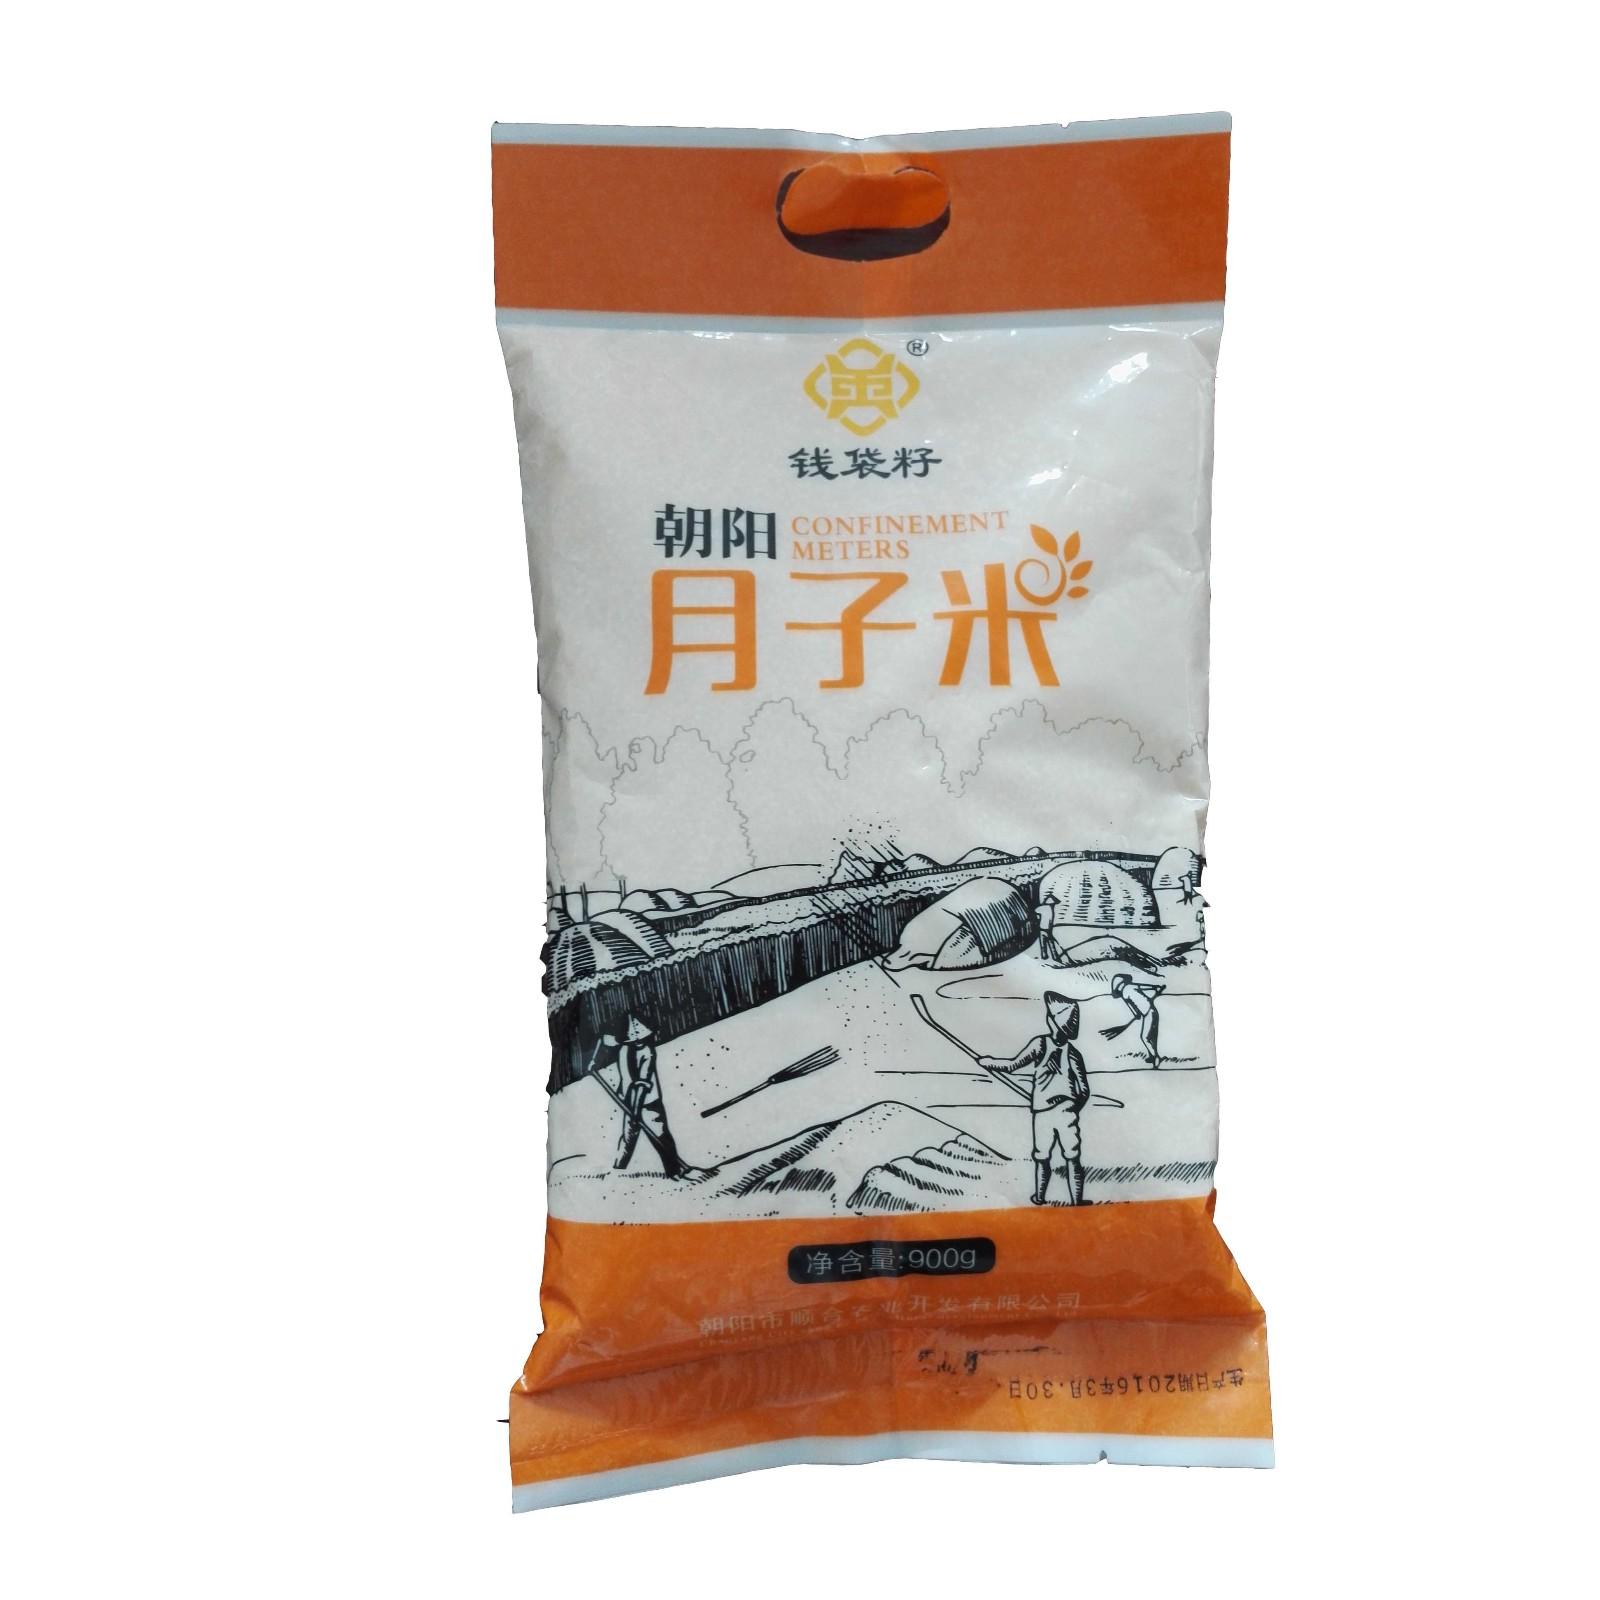 钱袋籽朝阳月子米 900g精包装月子米 月子米三袋包邮 贡米产地直销